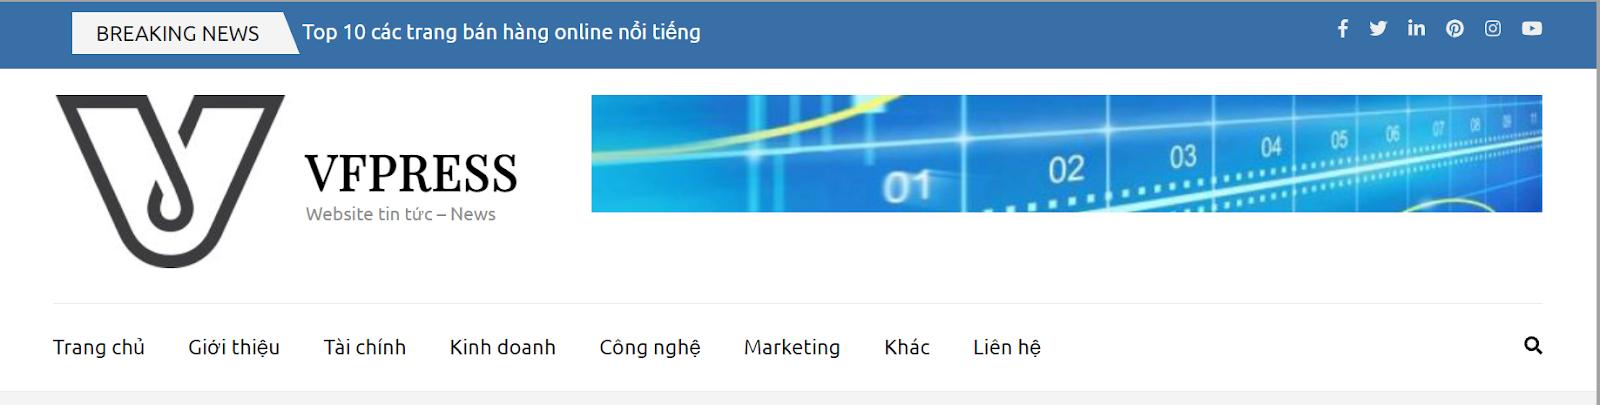 Diễn đàn chứng khoán VFpress.vn